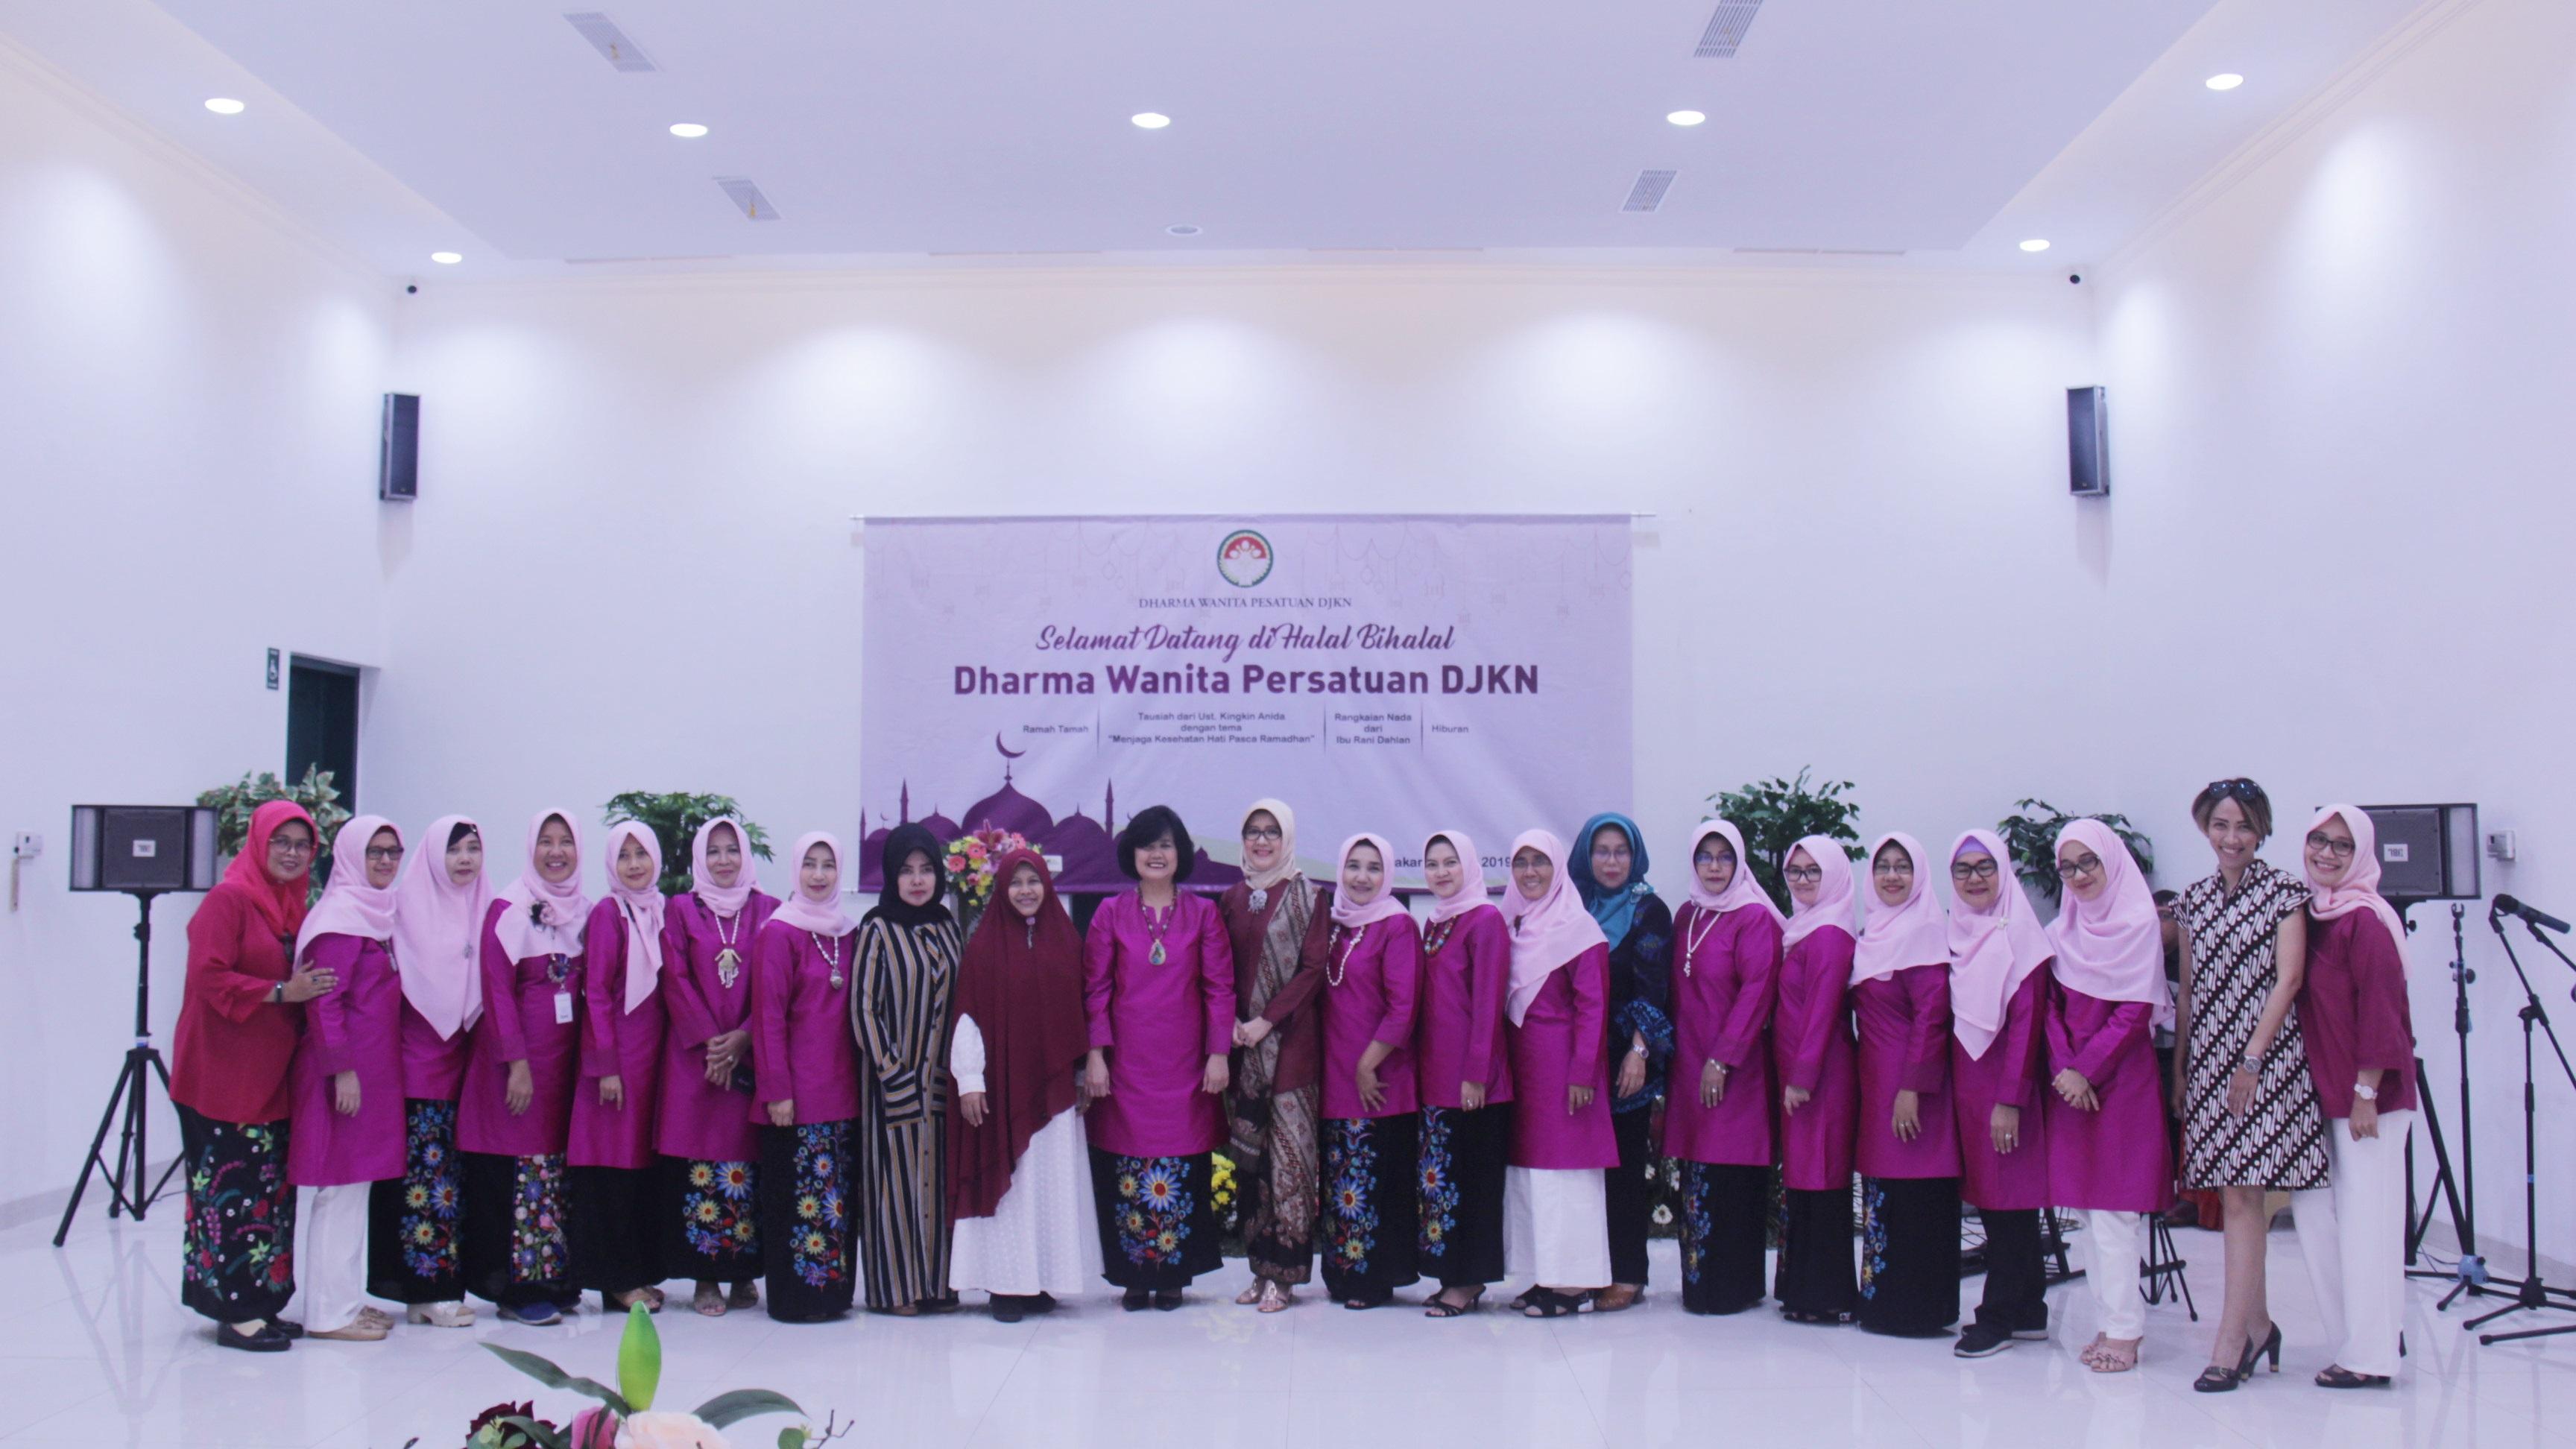 Pasca Bulan Suci, Dharma Wanita Persatuan DJKN Gelar Halal Bihalal